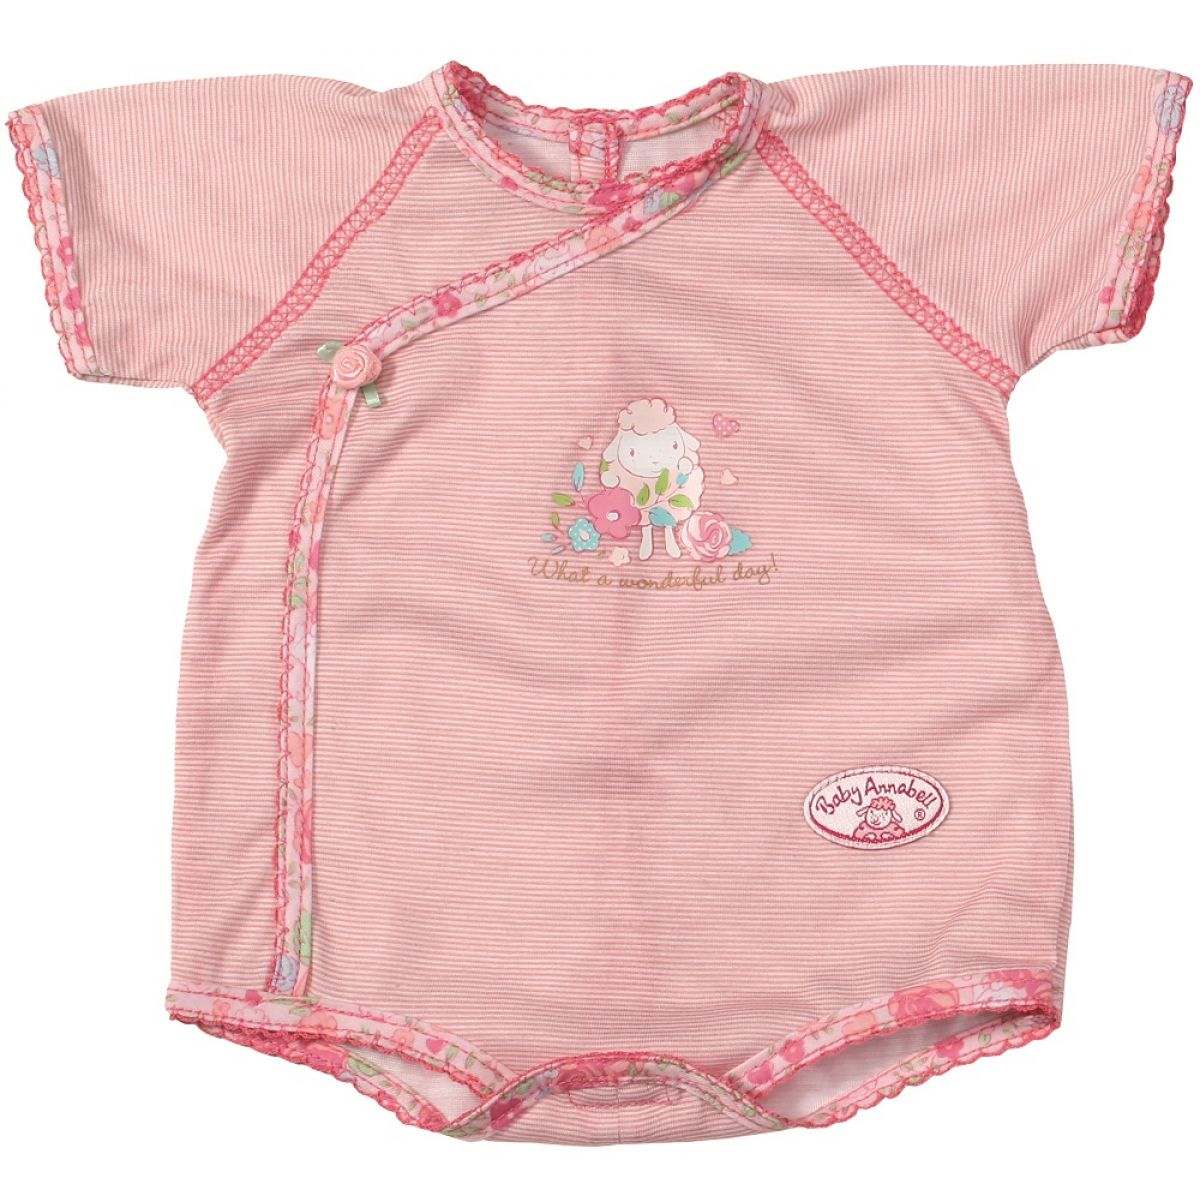 Baby Annabell Spodní prádlo - Růžová s pruhy